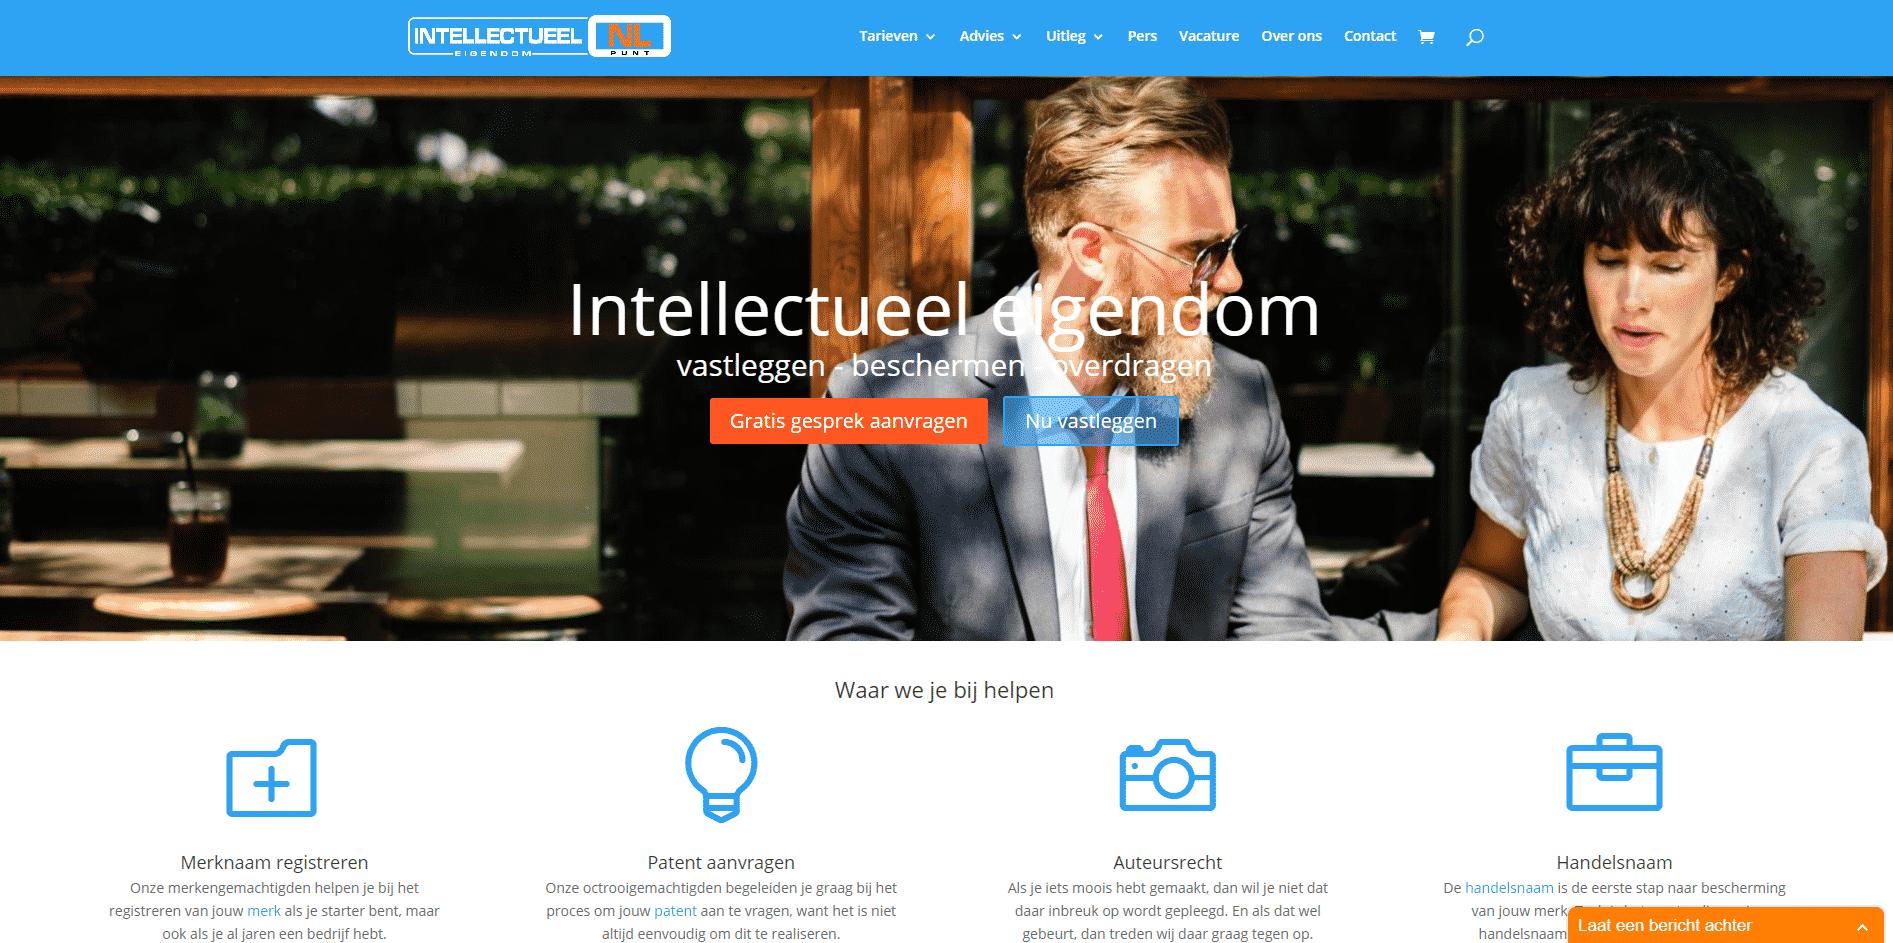 IntellectueelEigendom.nl